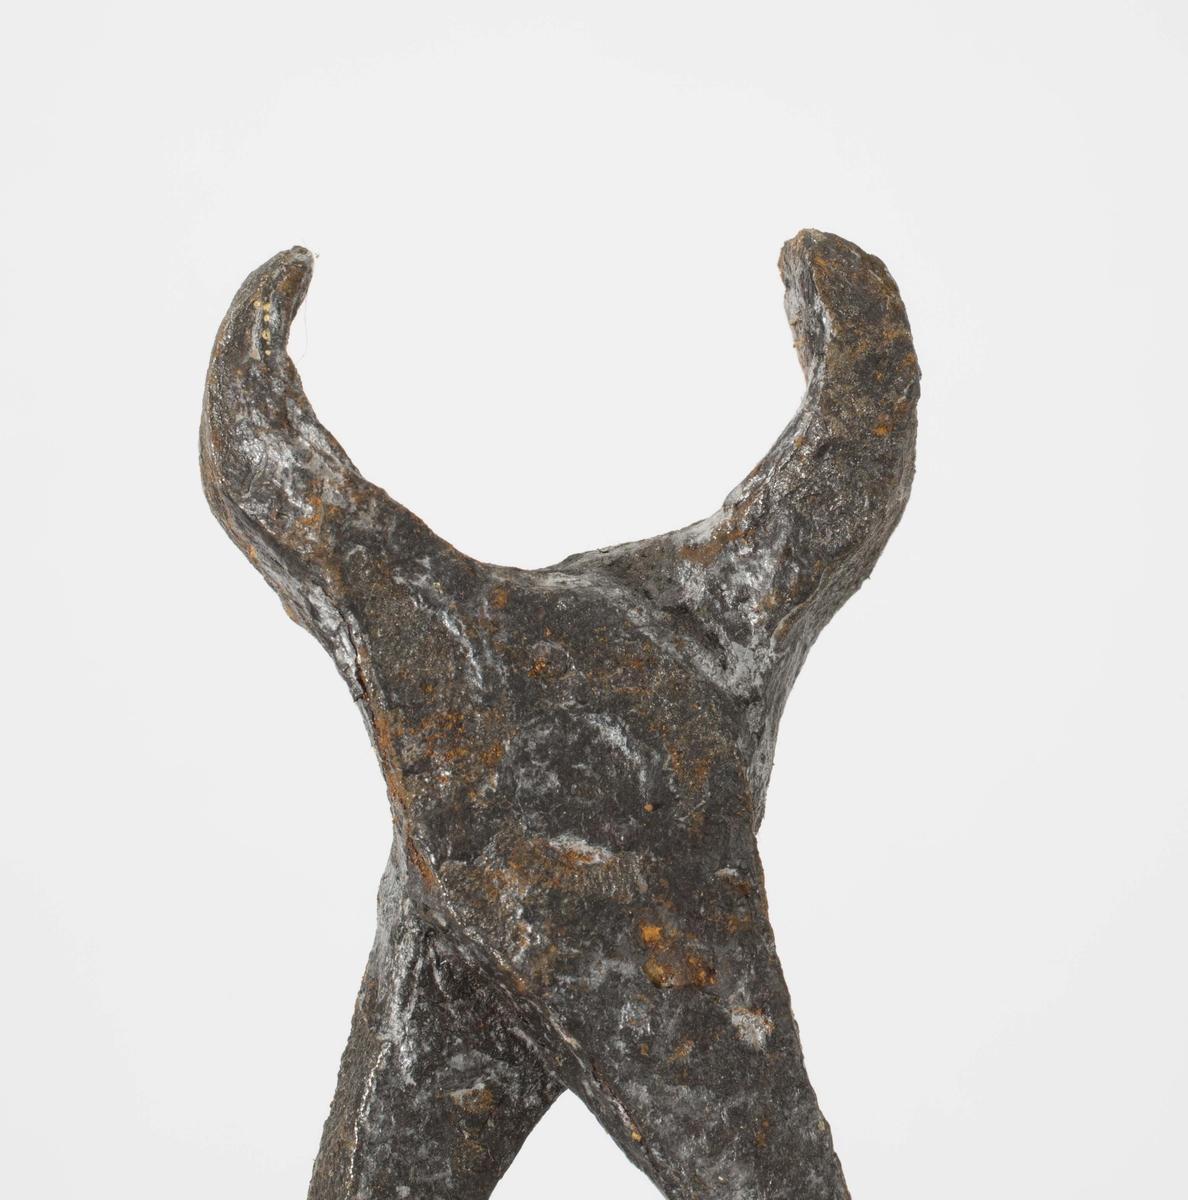 Smidd tang, mulig avbitertang, av jern. Ene armen er rustet av.